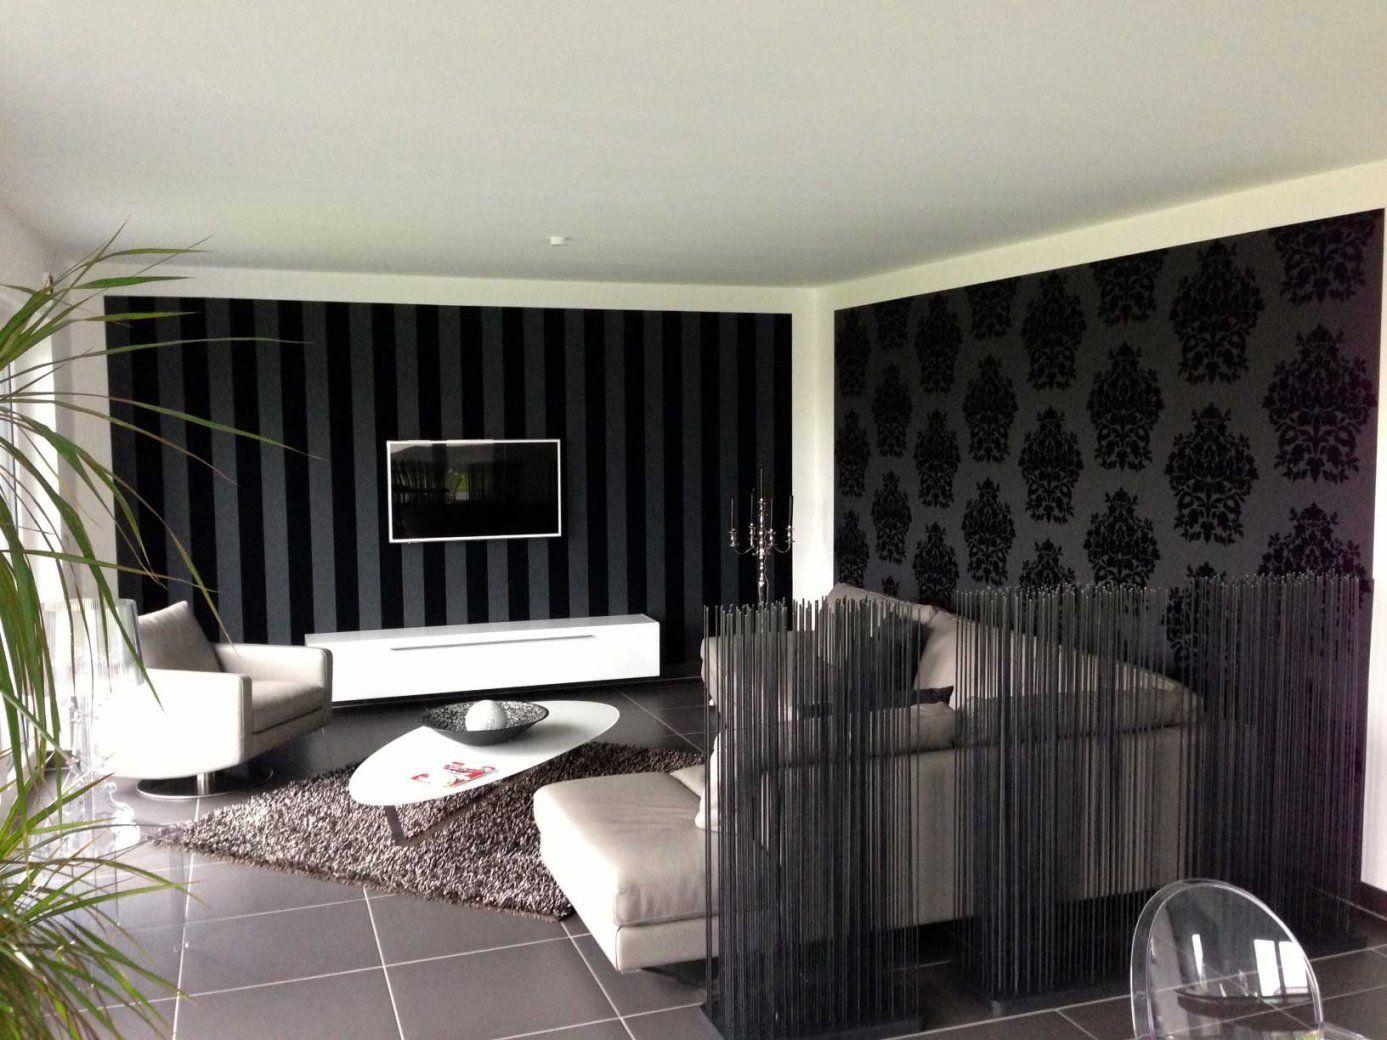 Wohnzimmer Gestalten Tapeten  Haus Design von Wohnzimmer Gestalten Mit Tapeten Bild